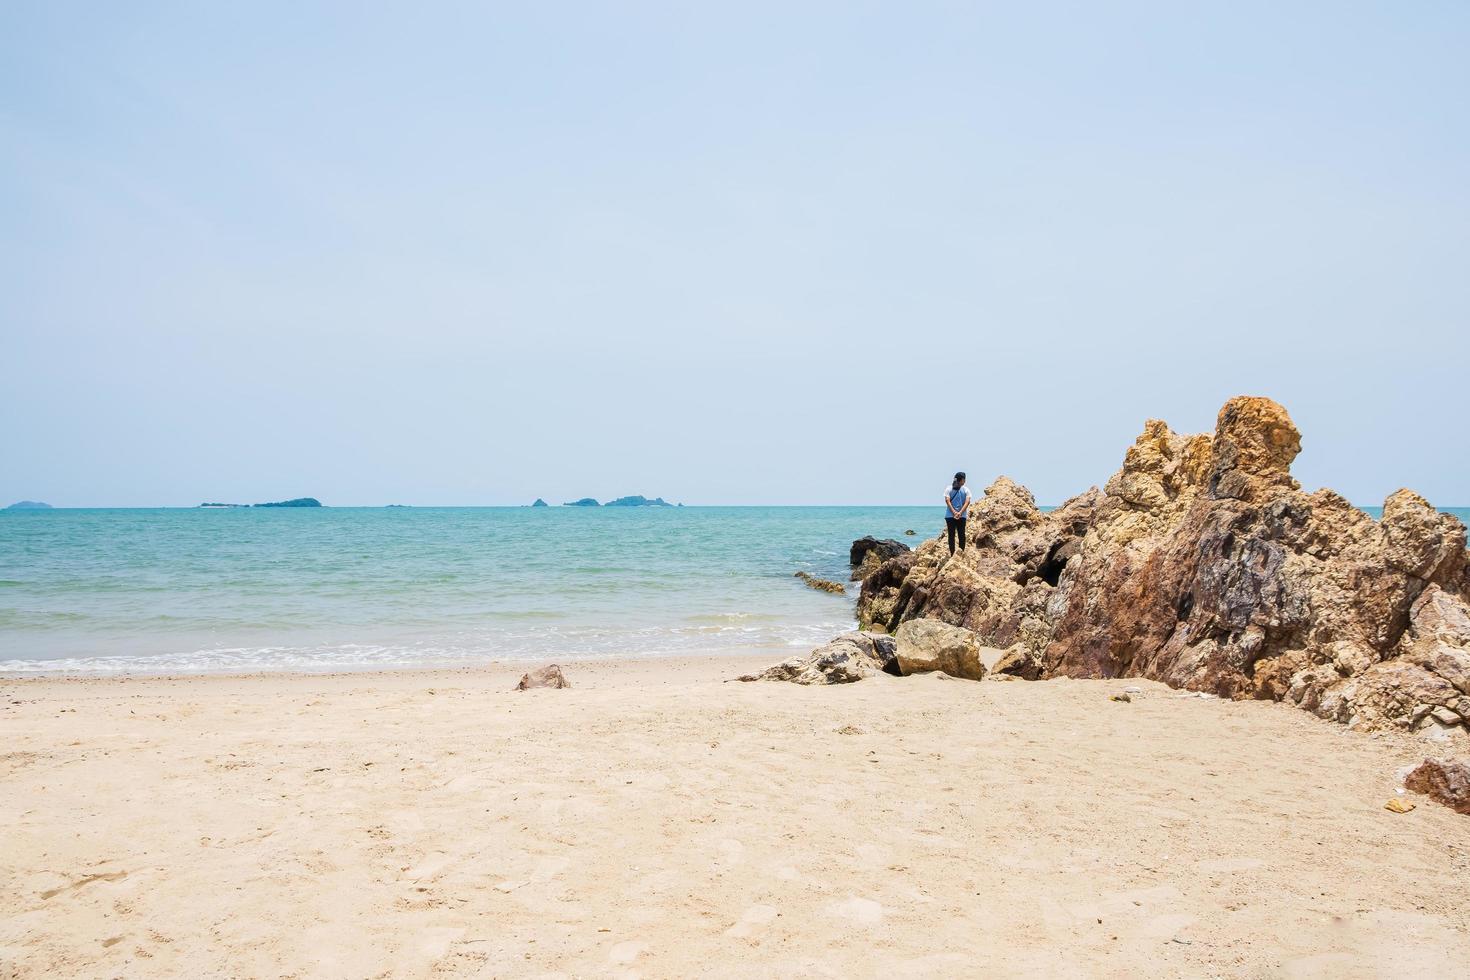 Strand und Meer foto